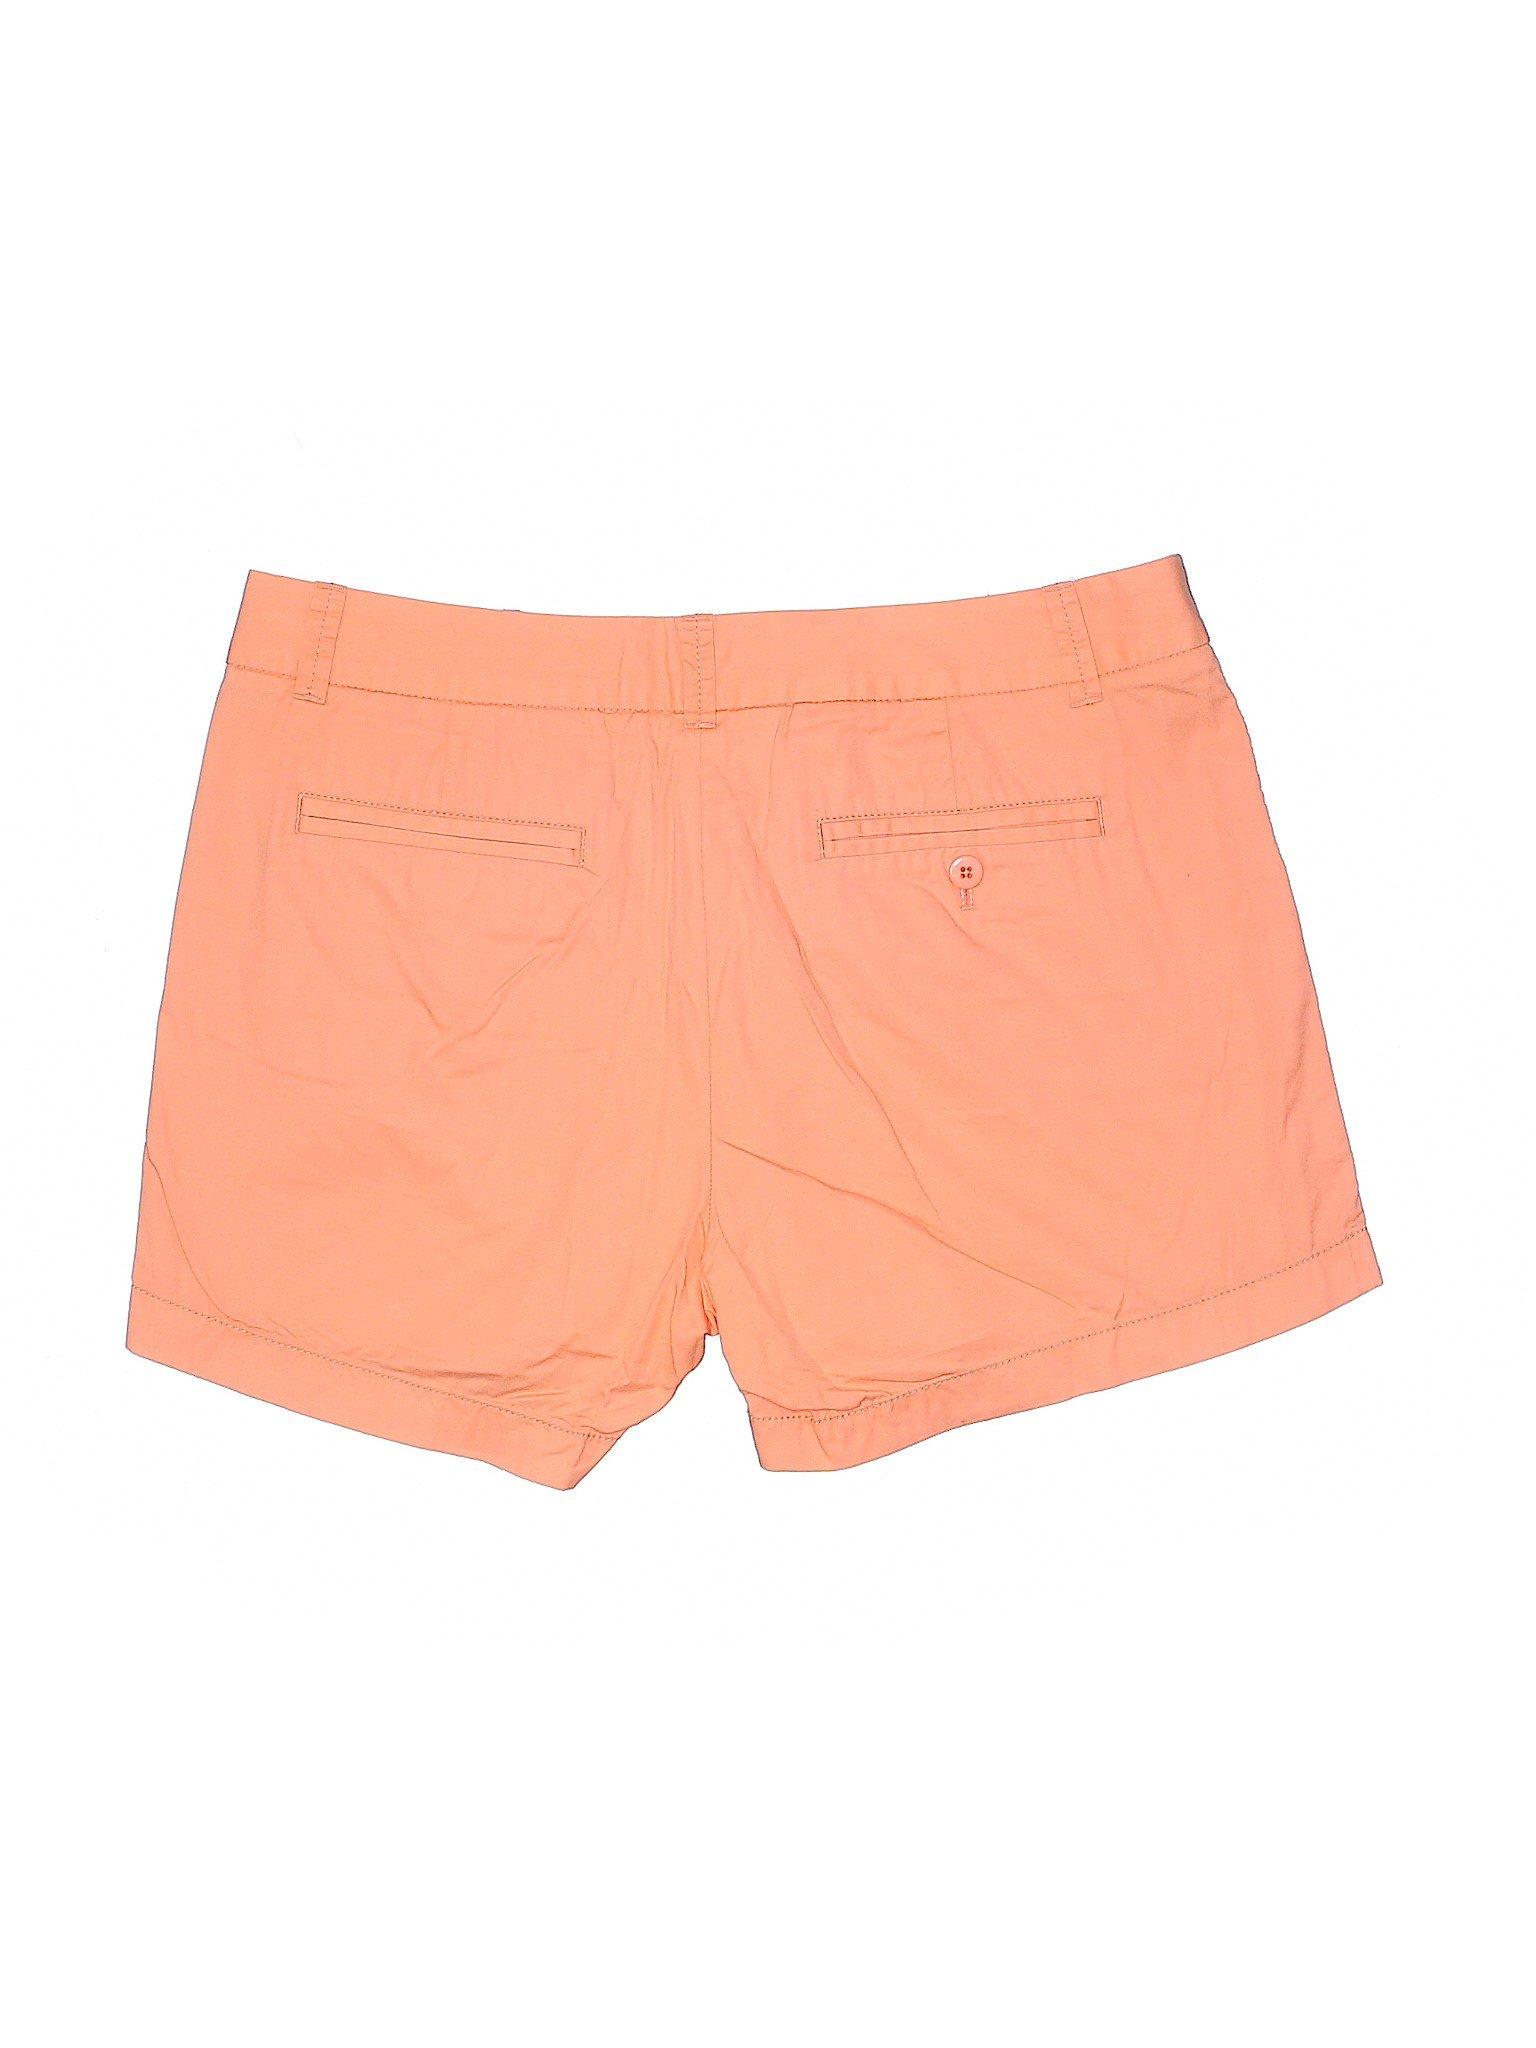 Boutique Boutique Khaki Crew Shorts Shorts Khaki Crew Boutique J J J Khaki Crew rO18rA